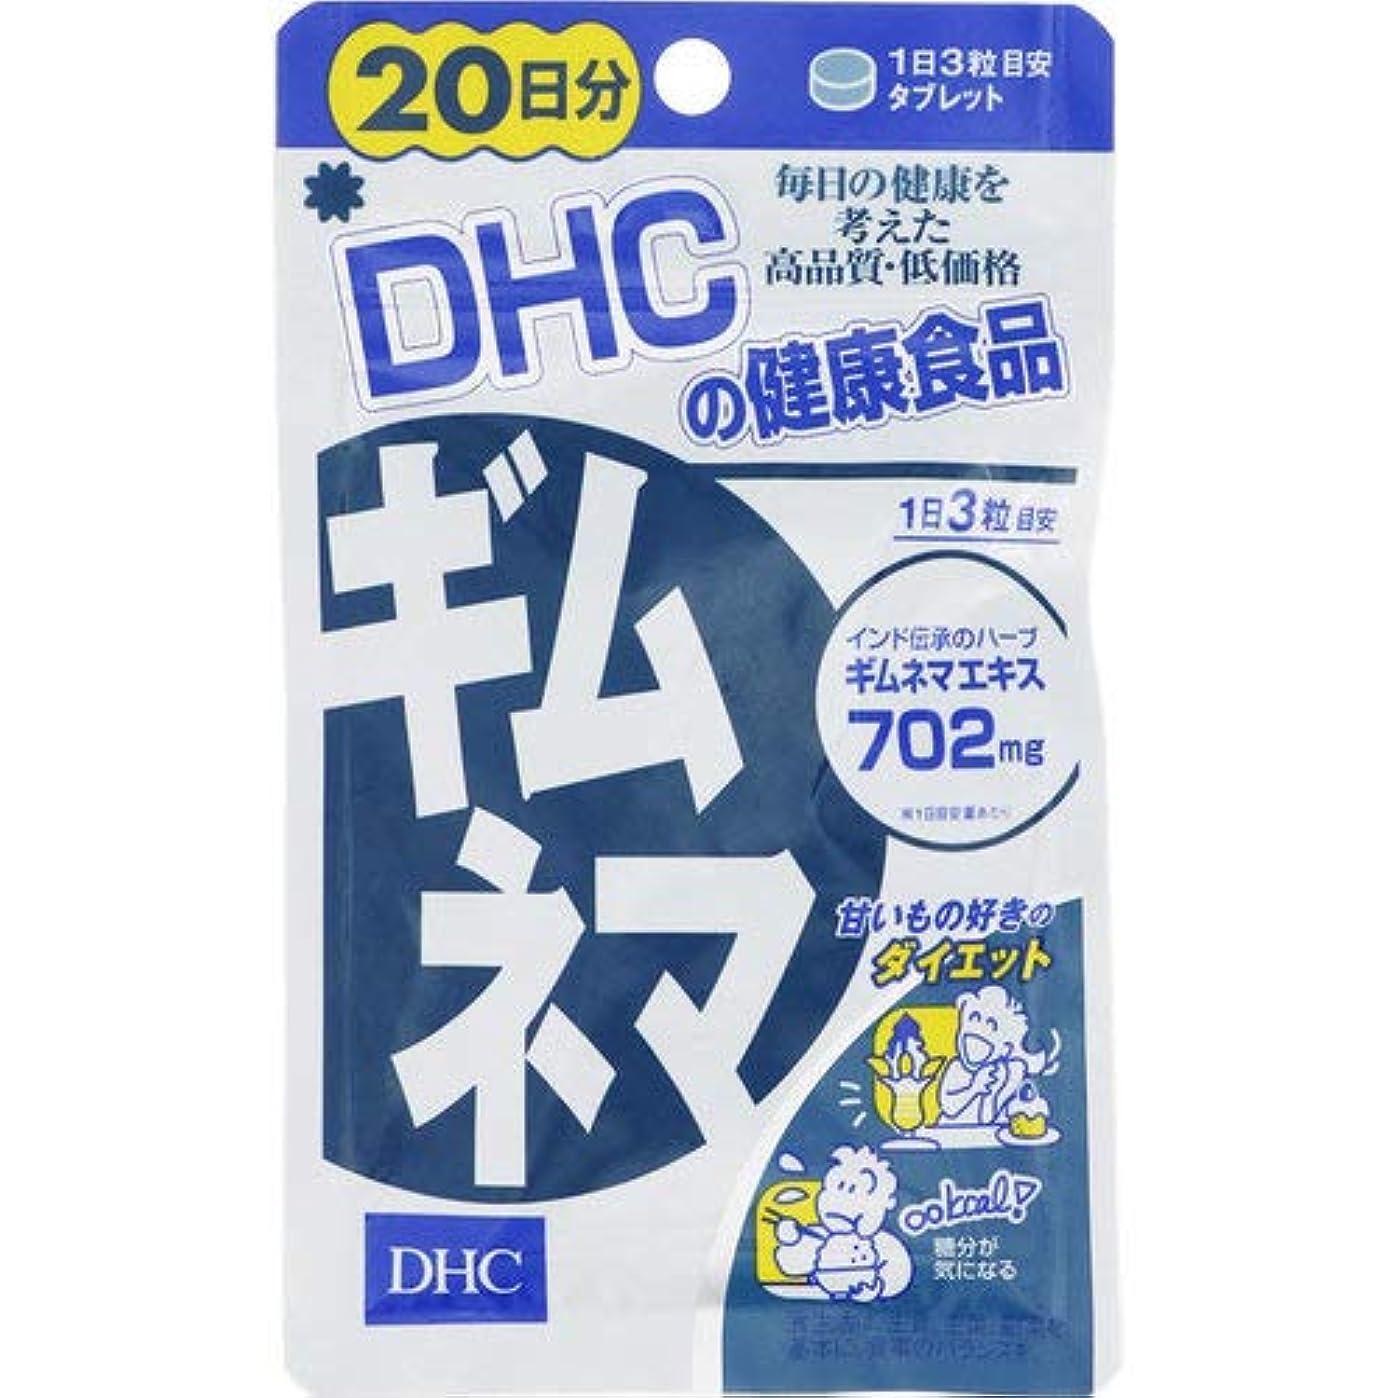 プレーヤーモーテル可聴【DHC】ギムネマ 20日分 (60粒)